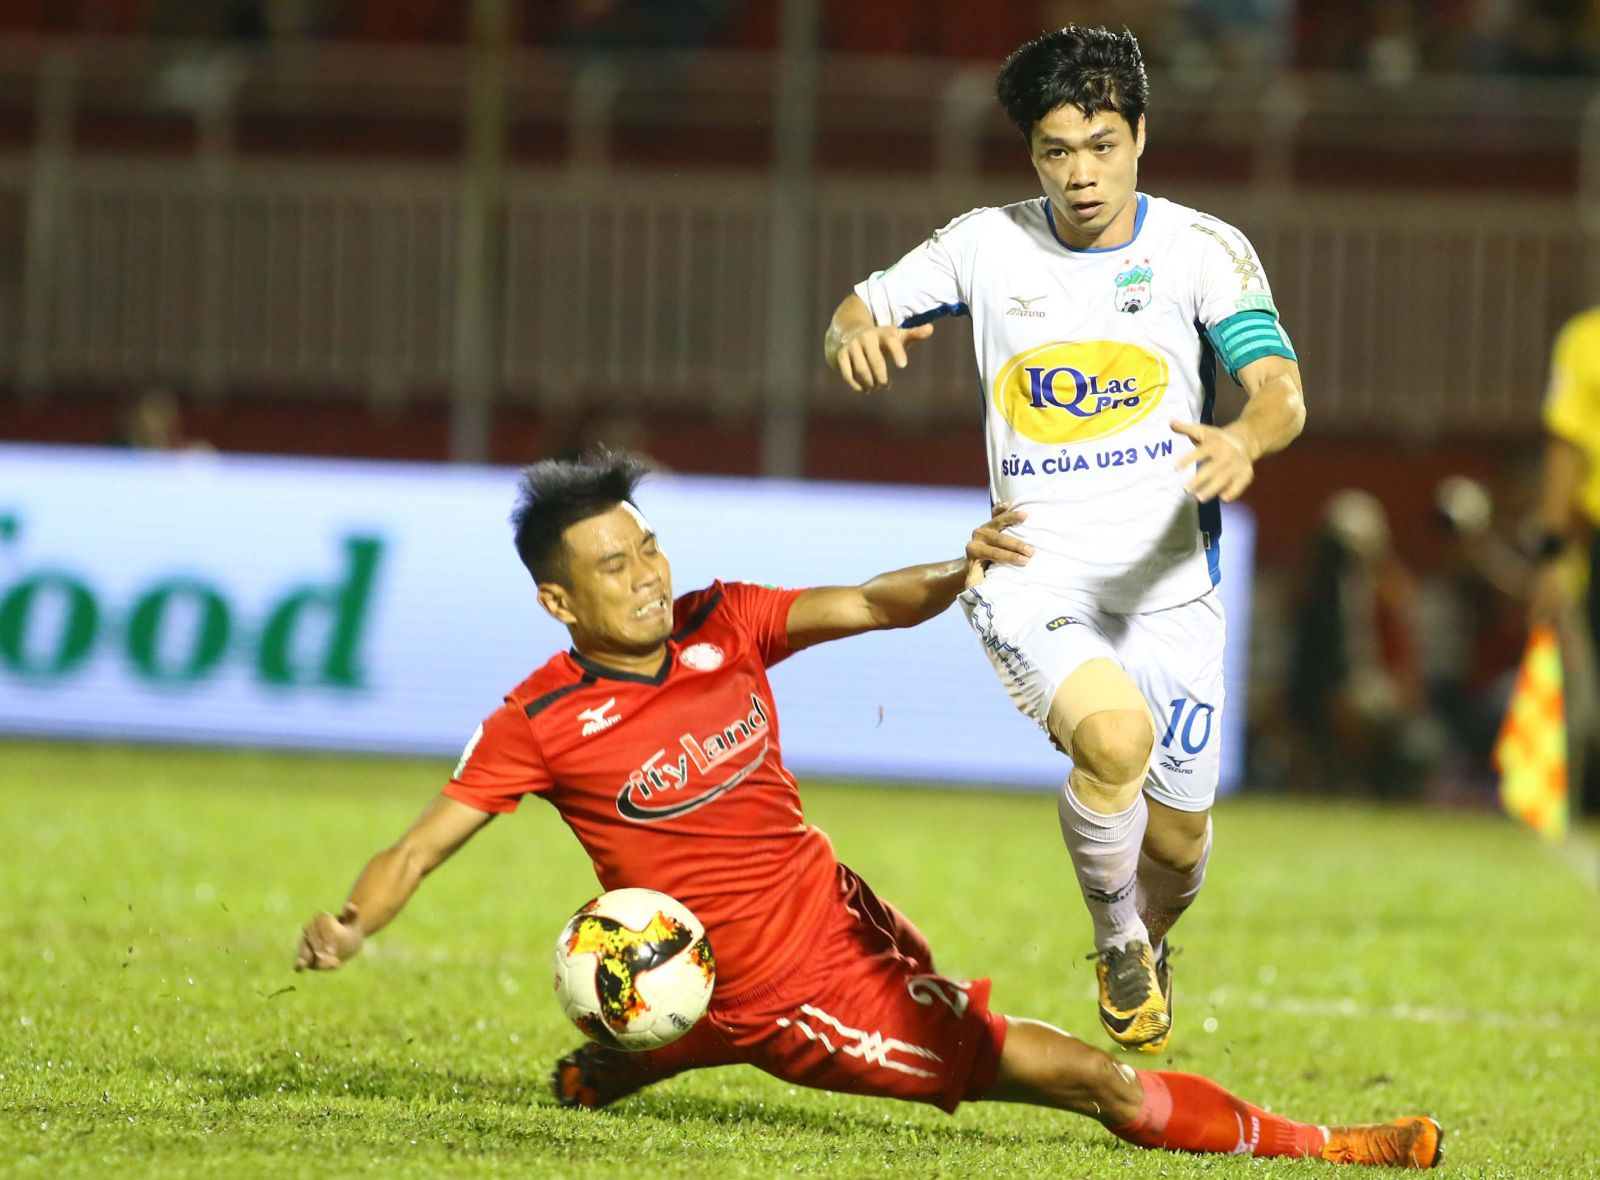 HLV Miura: 'Công Phượng là cầu thủ chơi hay nhất bên phía HAGL'